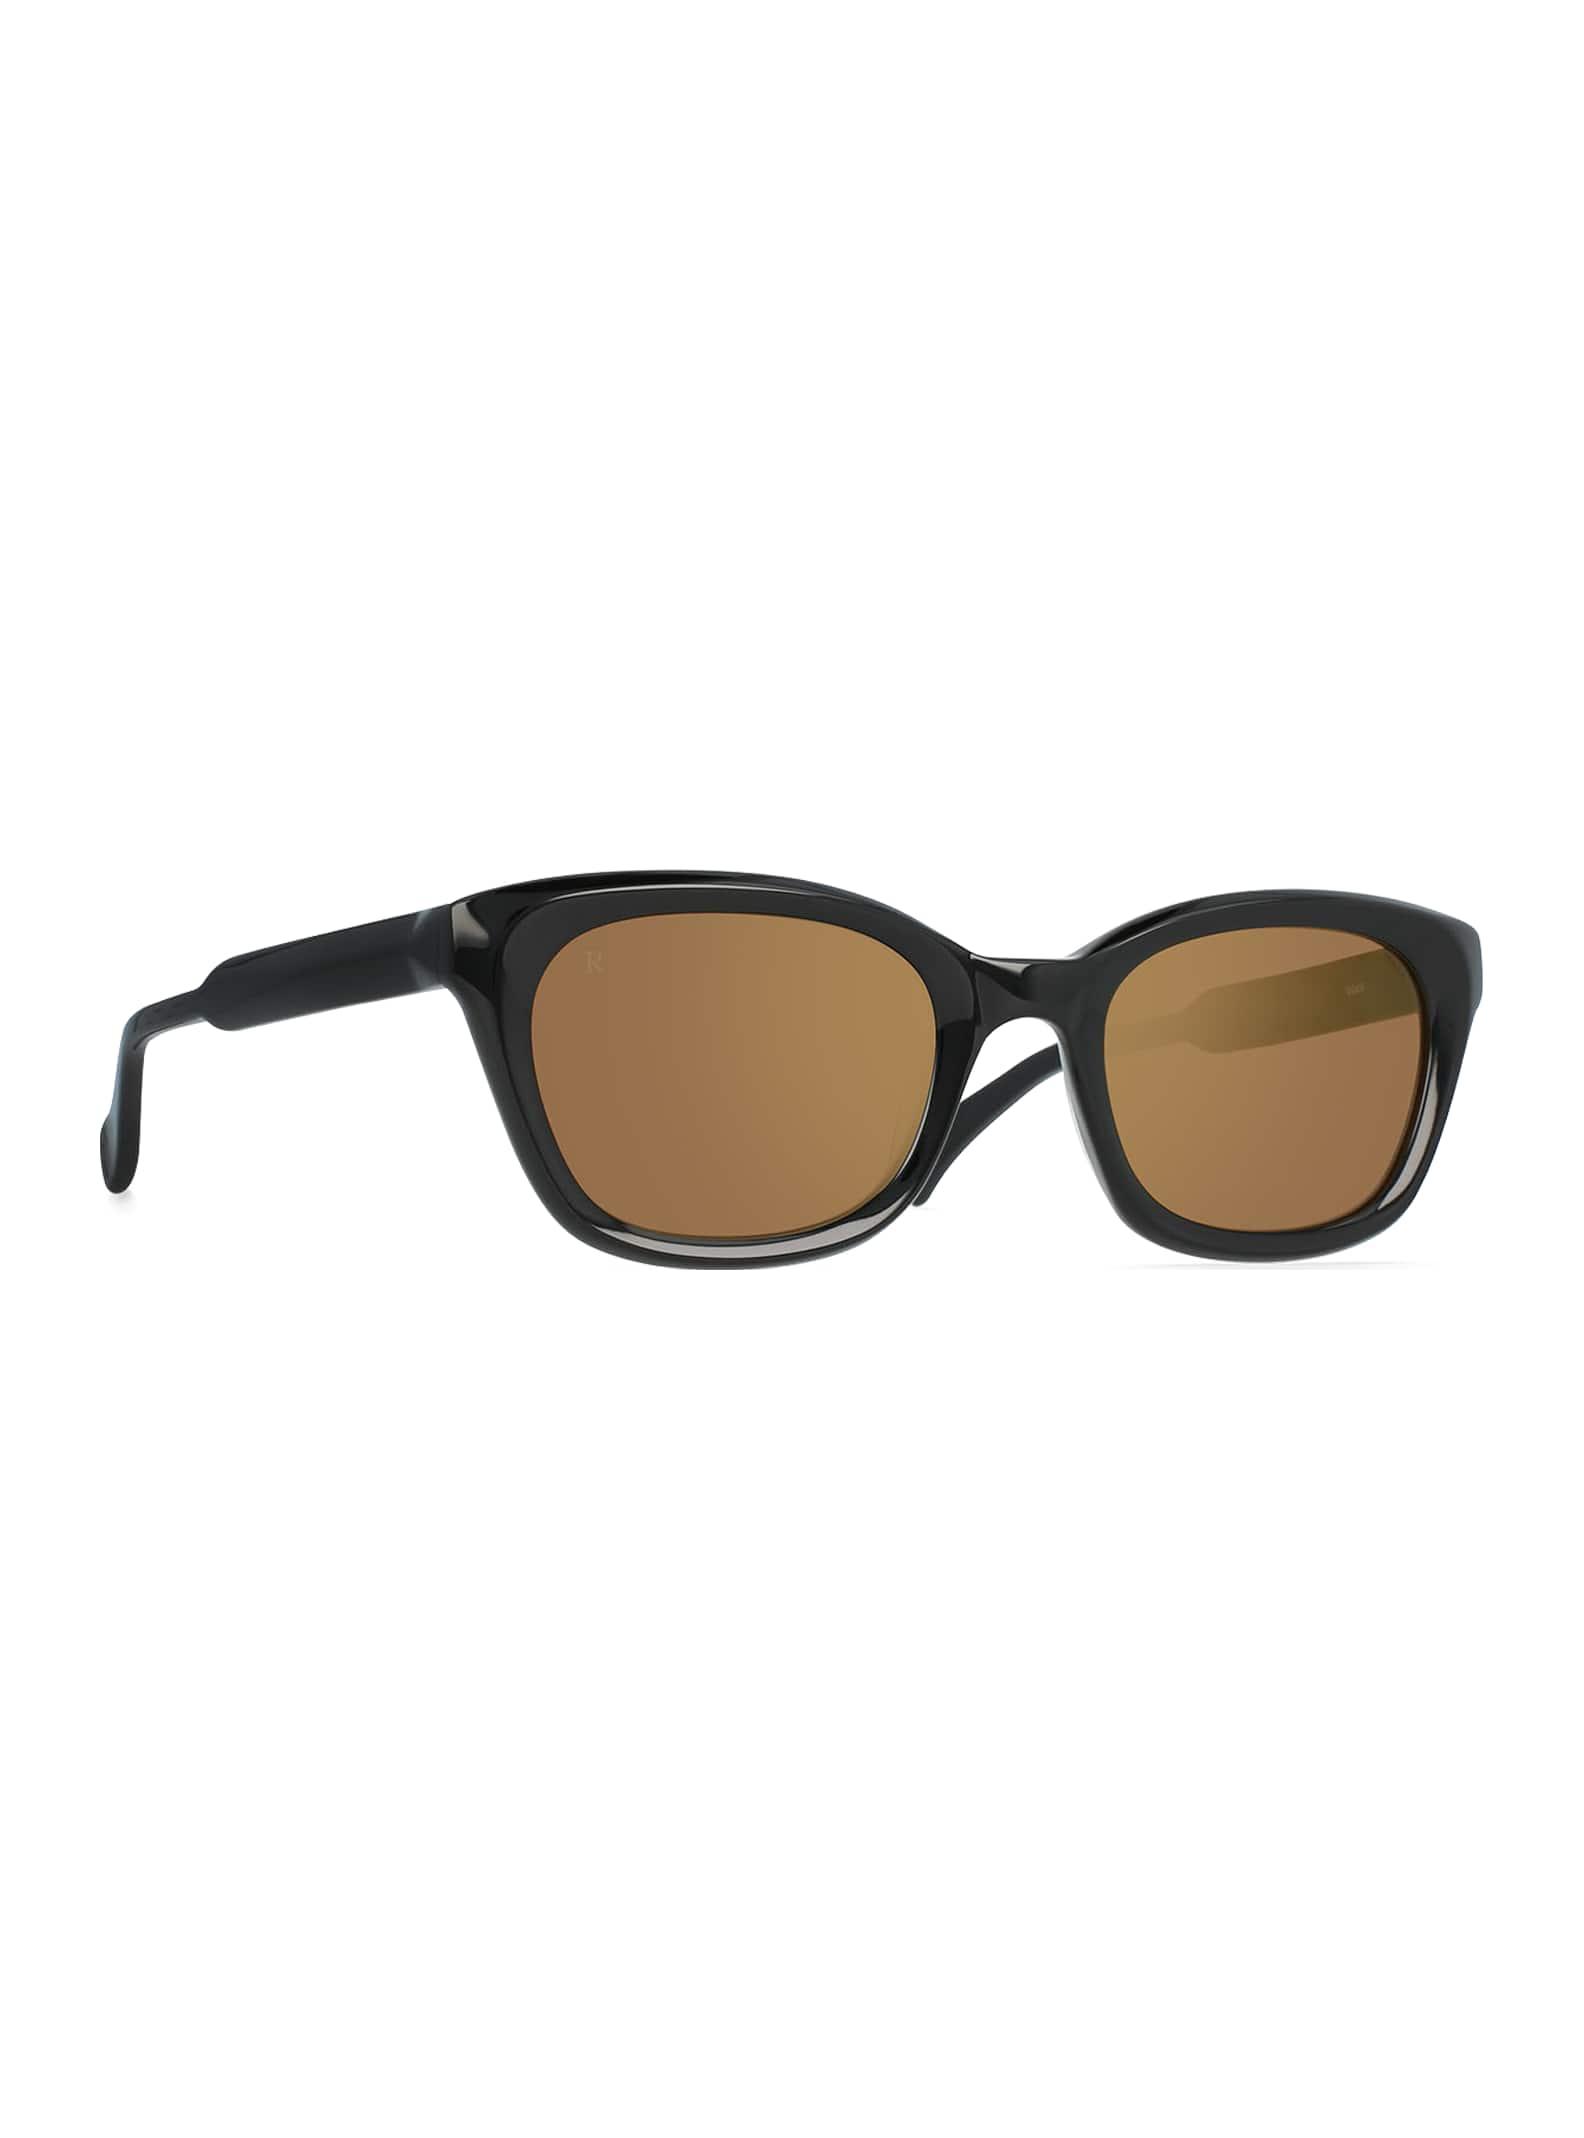 fbb6ae8677 RAEN Clemente Sunglasses